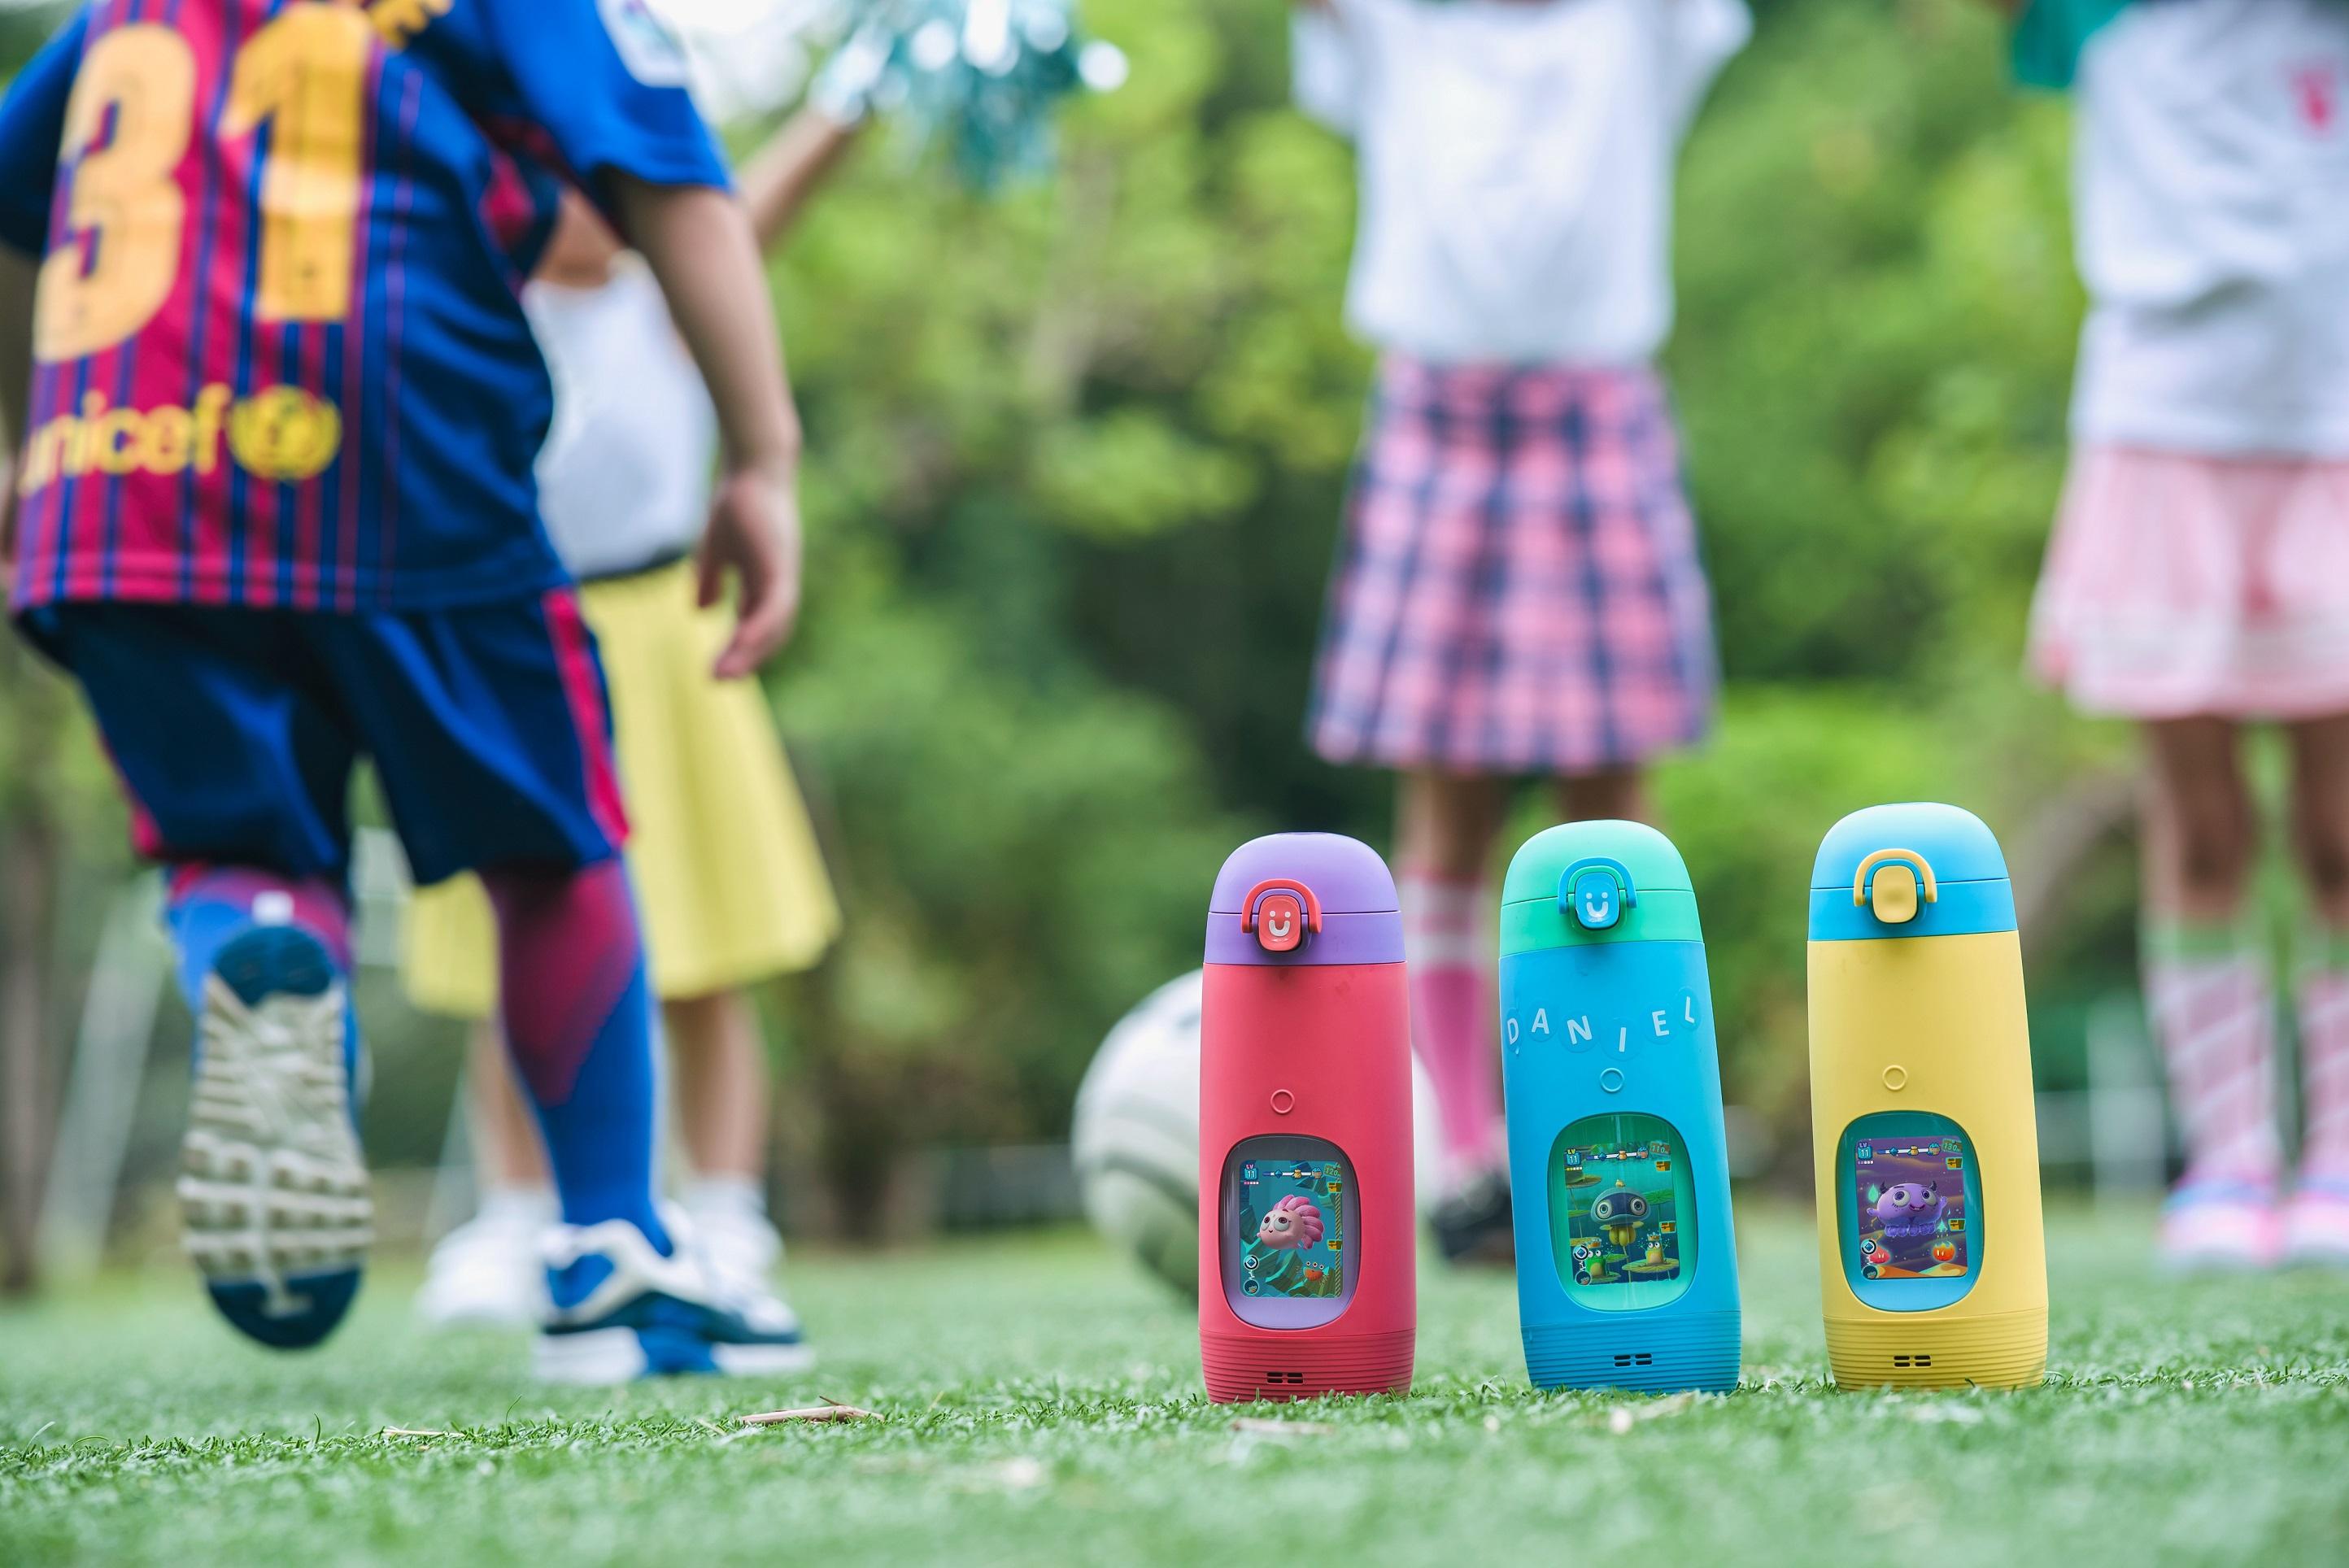 全球首款故事機水壺! 新品「Gululu Talk」讓孩子健康又有聊!